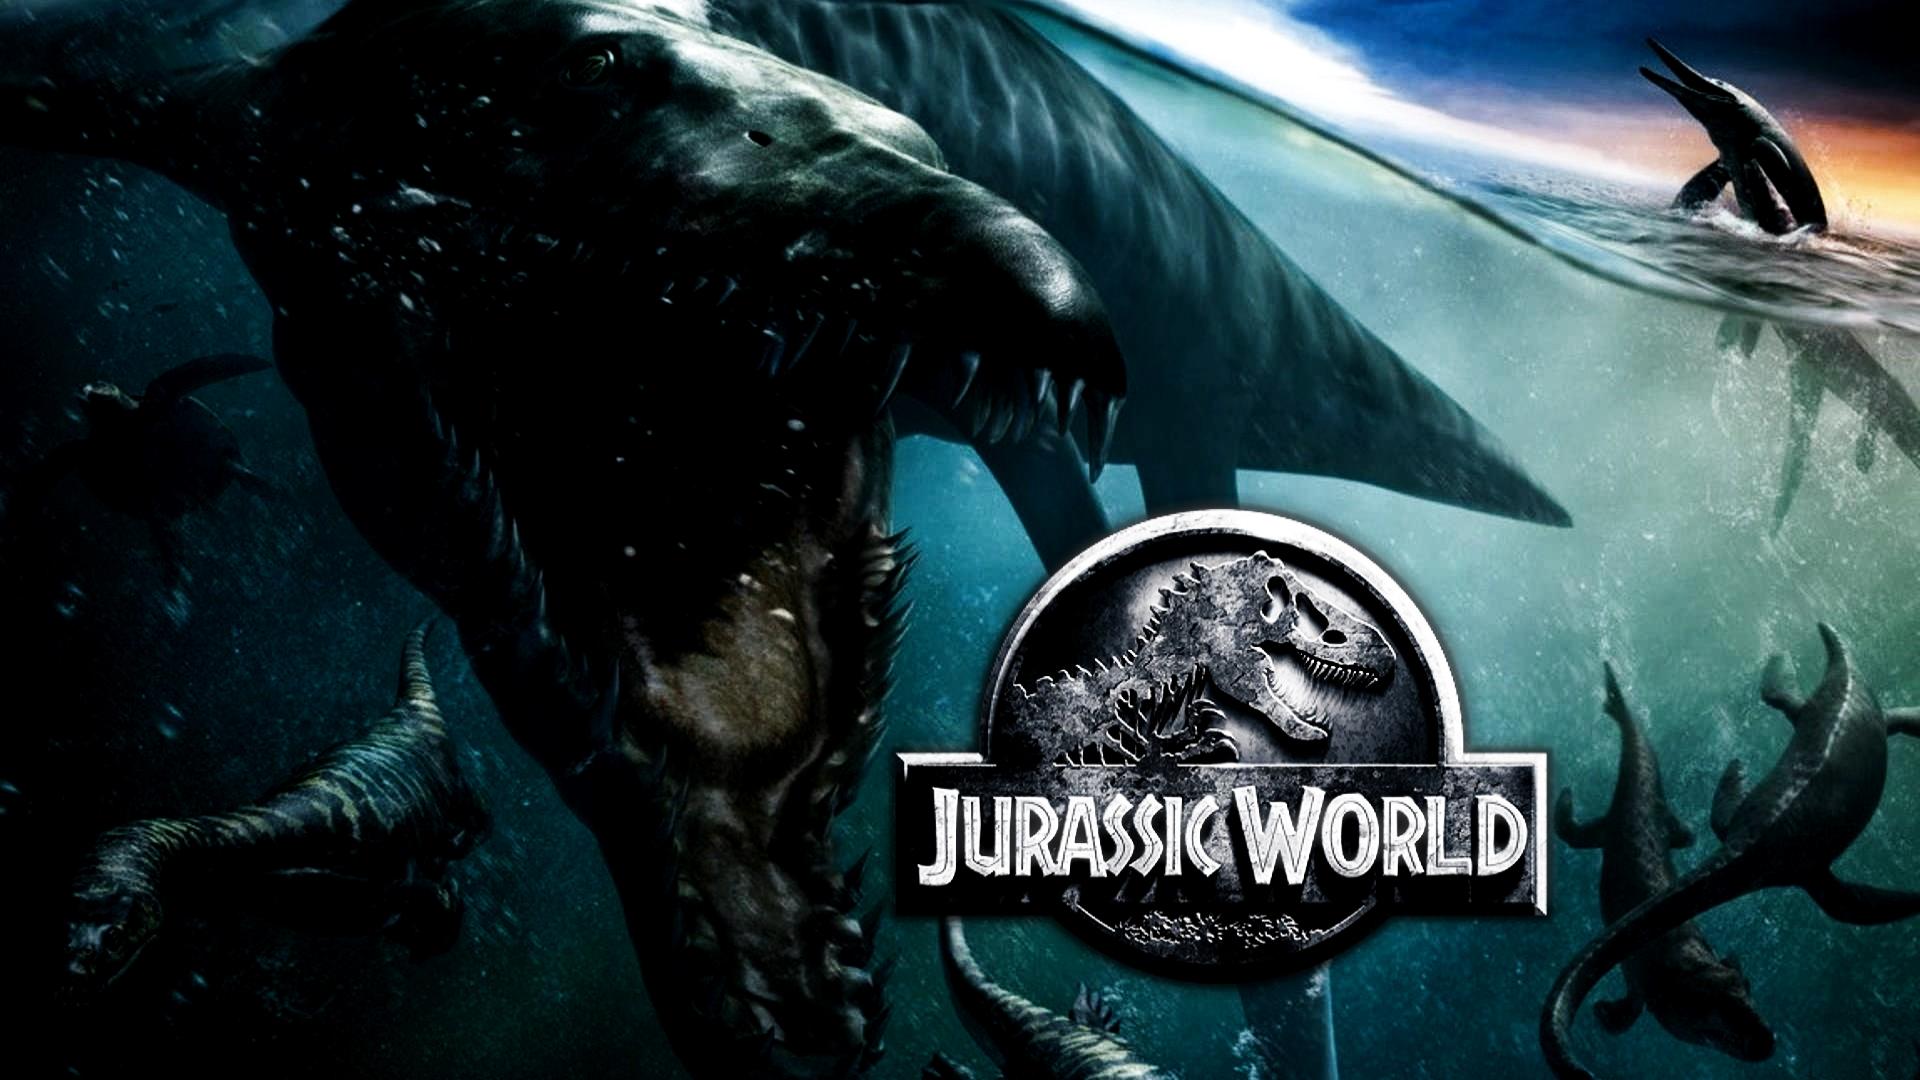 Jurassic World Full HD...